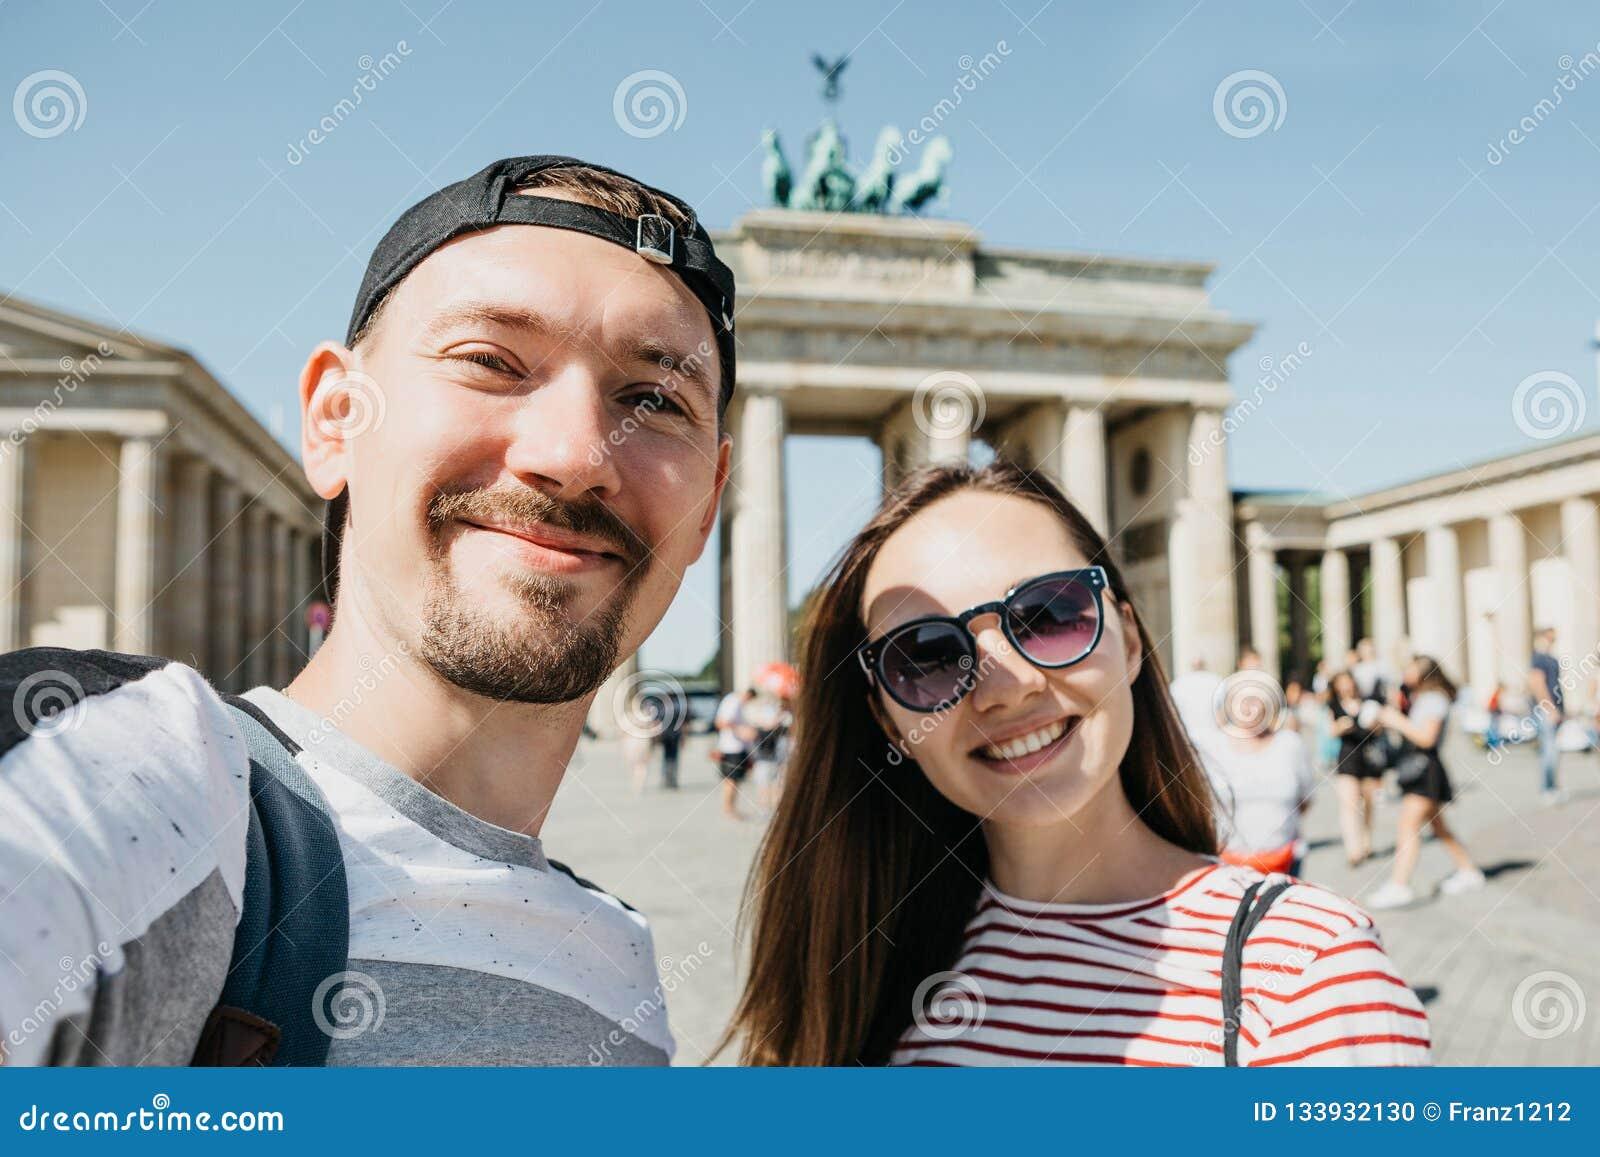 Chat und Dating Brandenburg